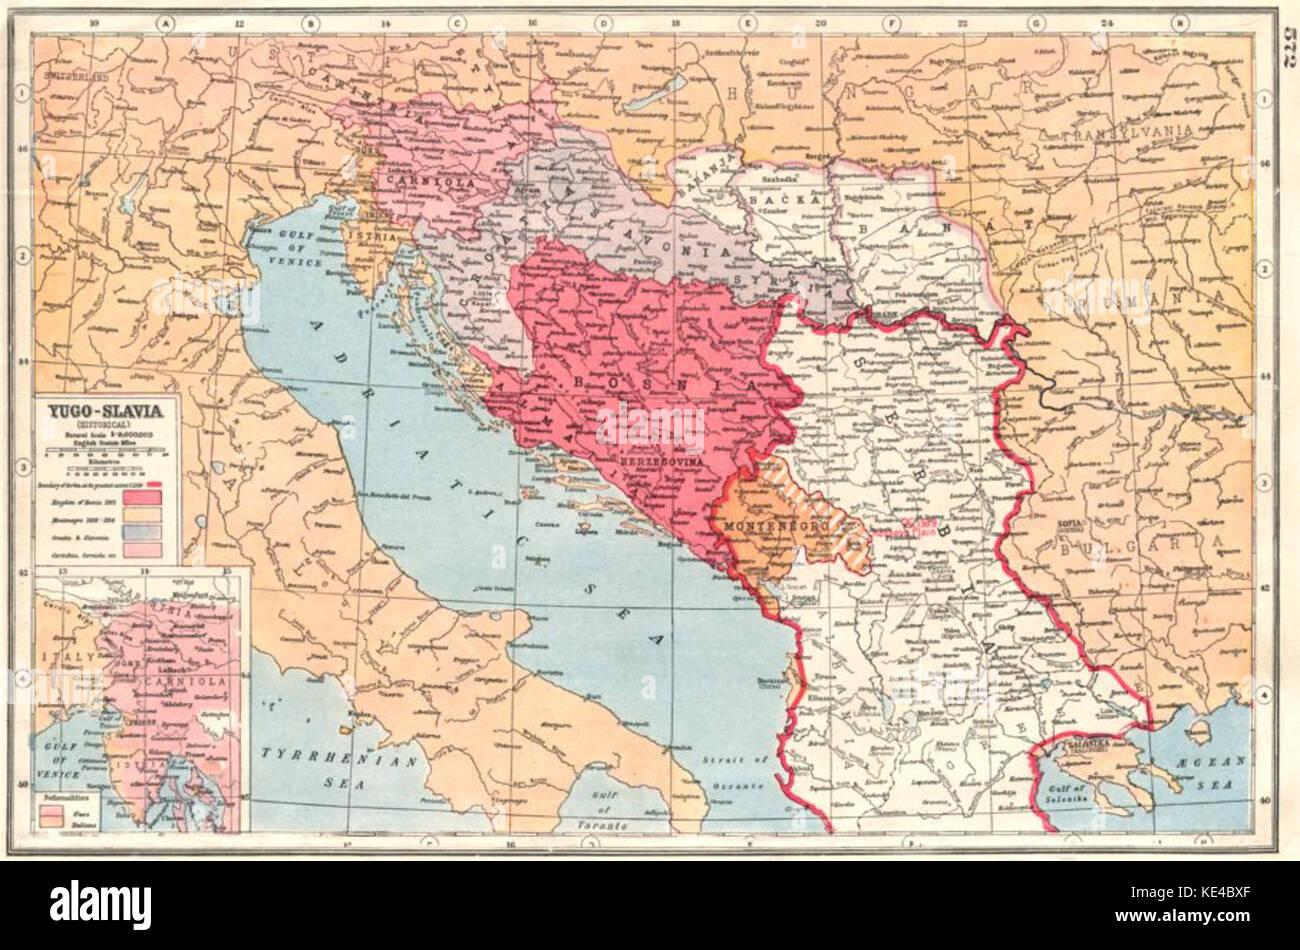 Jugoslawien Karte.Jugoslawien Karte 1920 Stockfoto Bild 163595671 Alamy